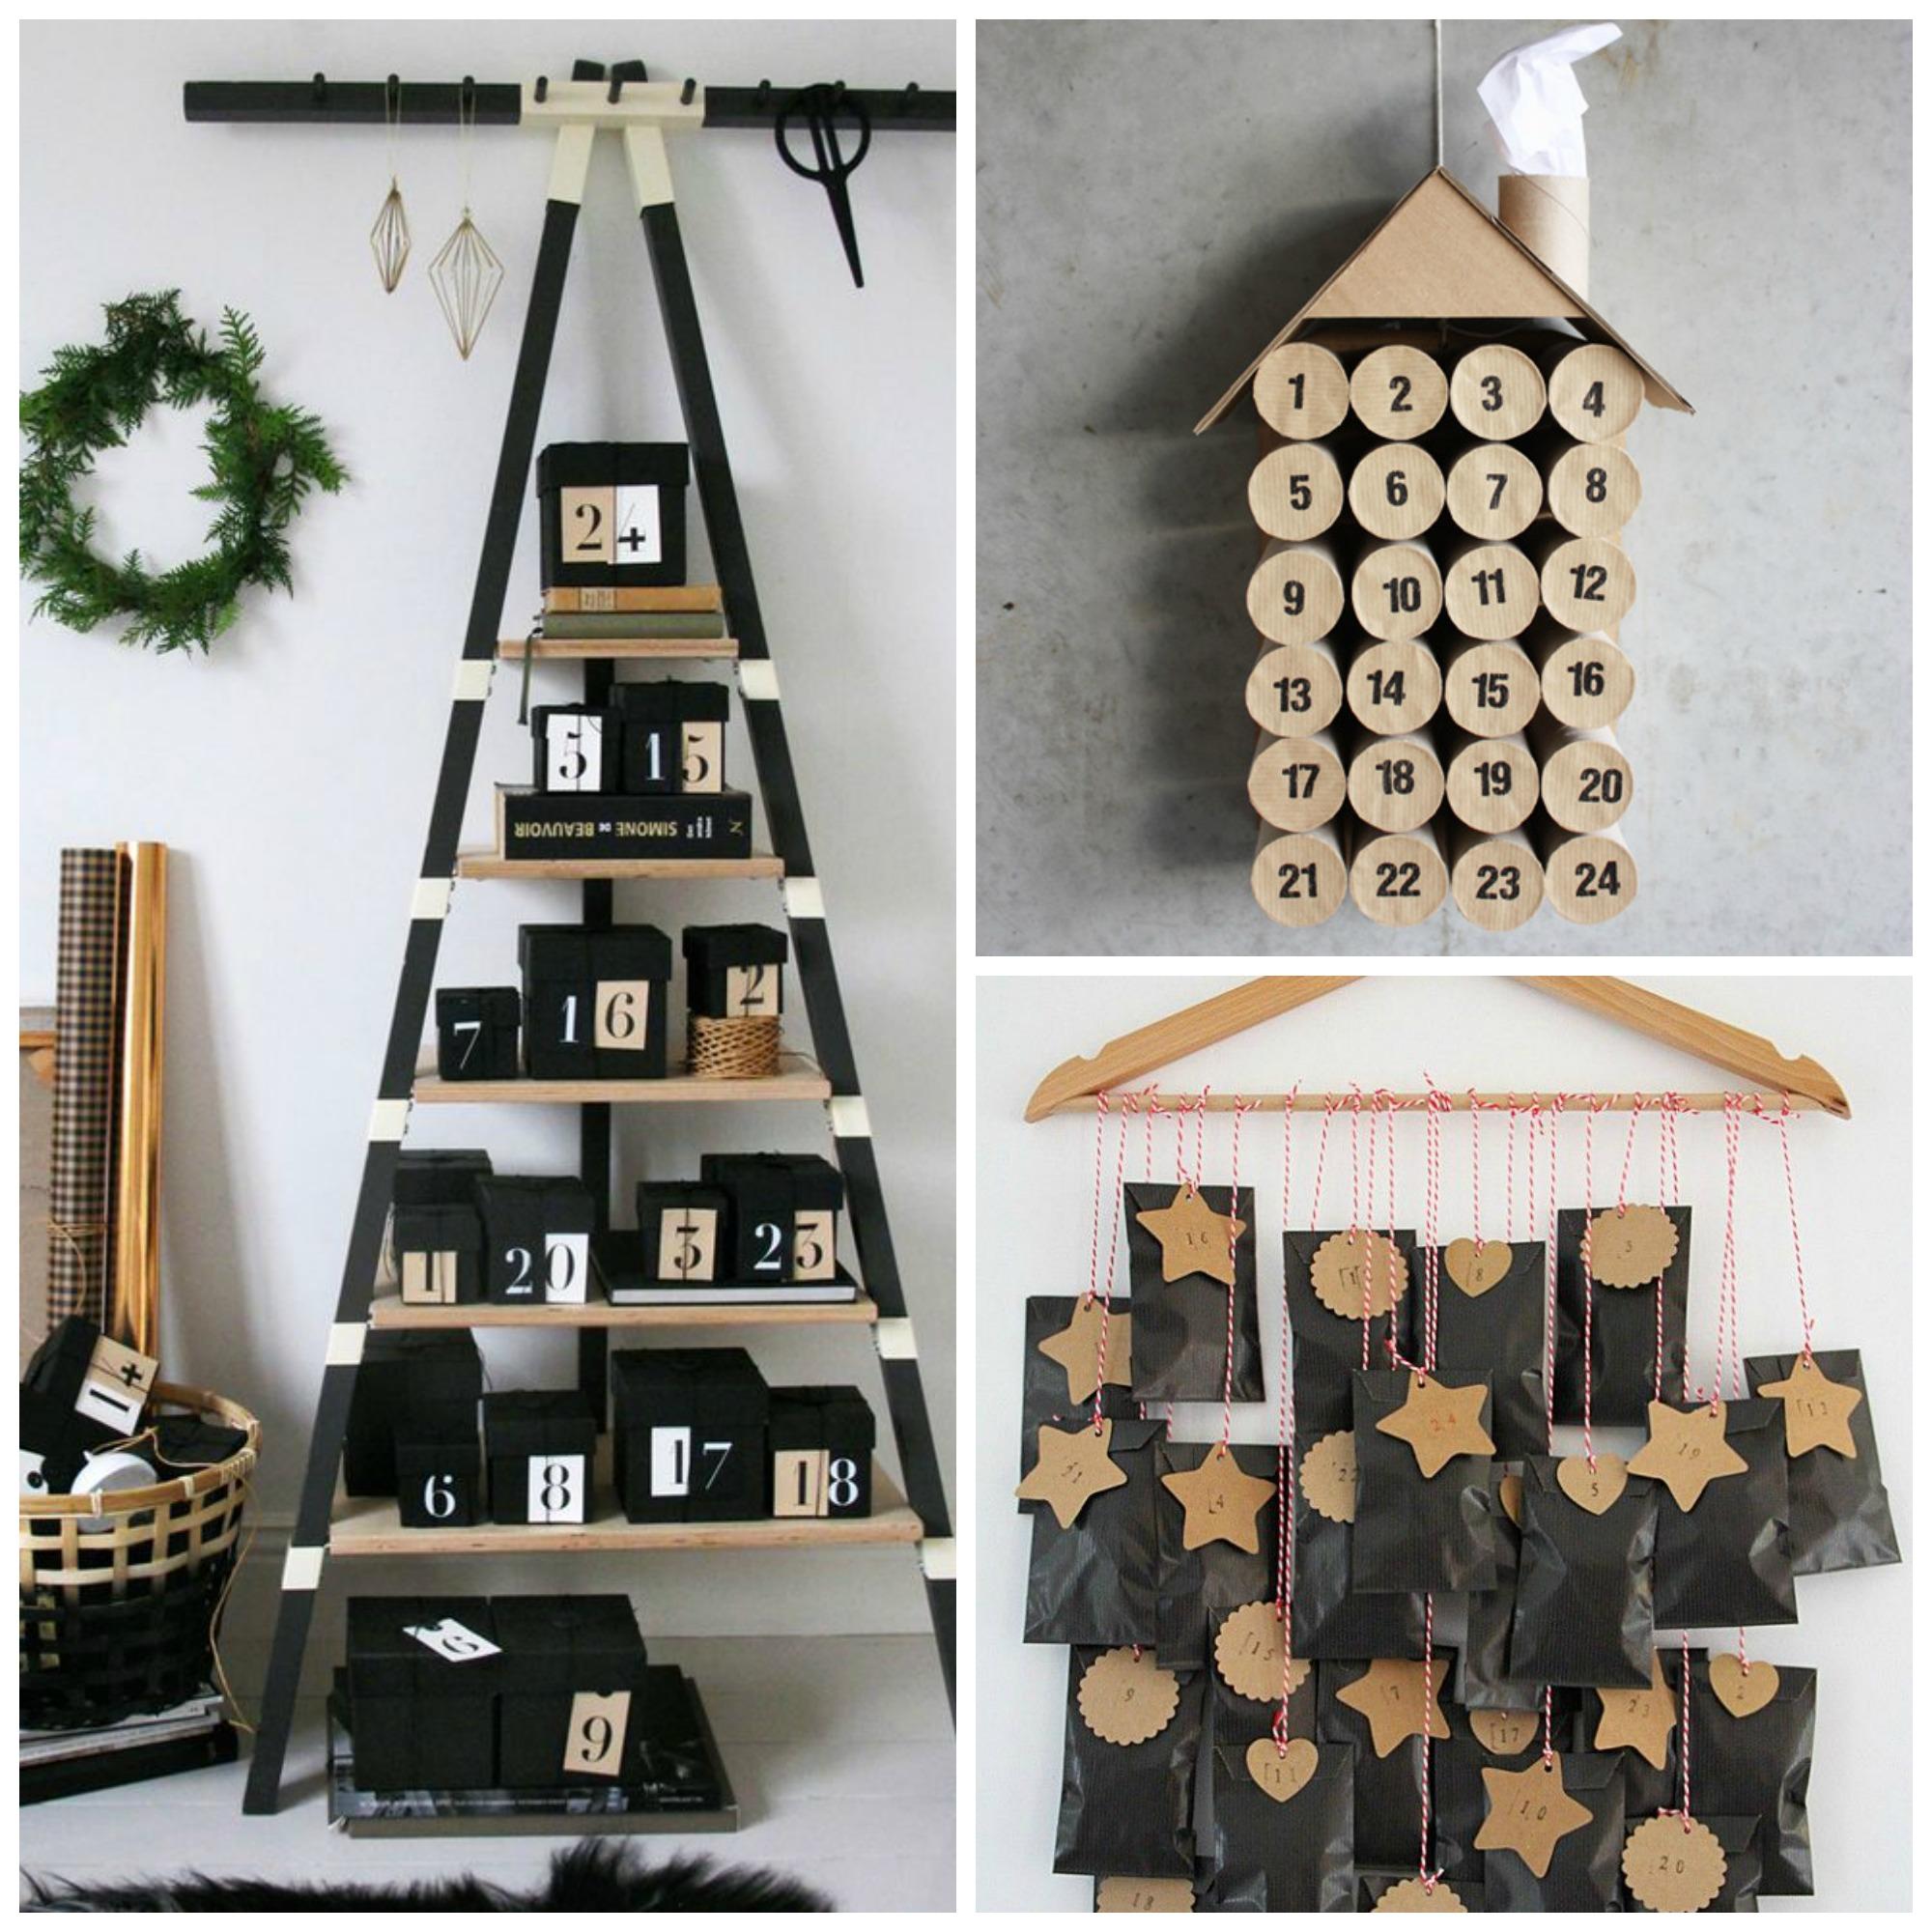 Advent calendar part 2 Collage